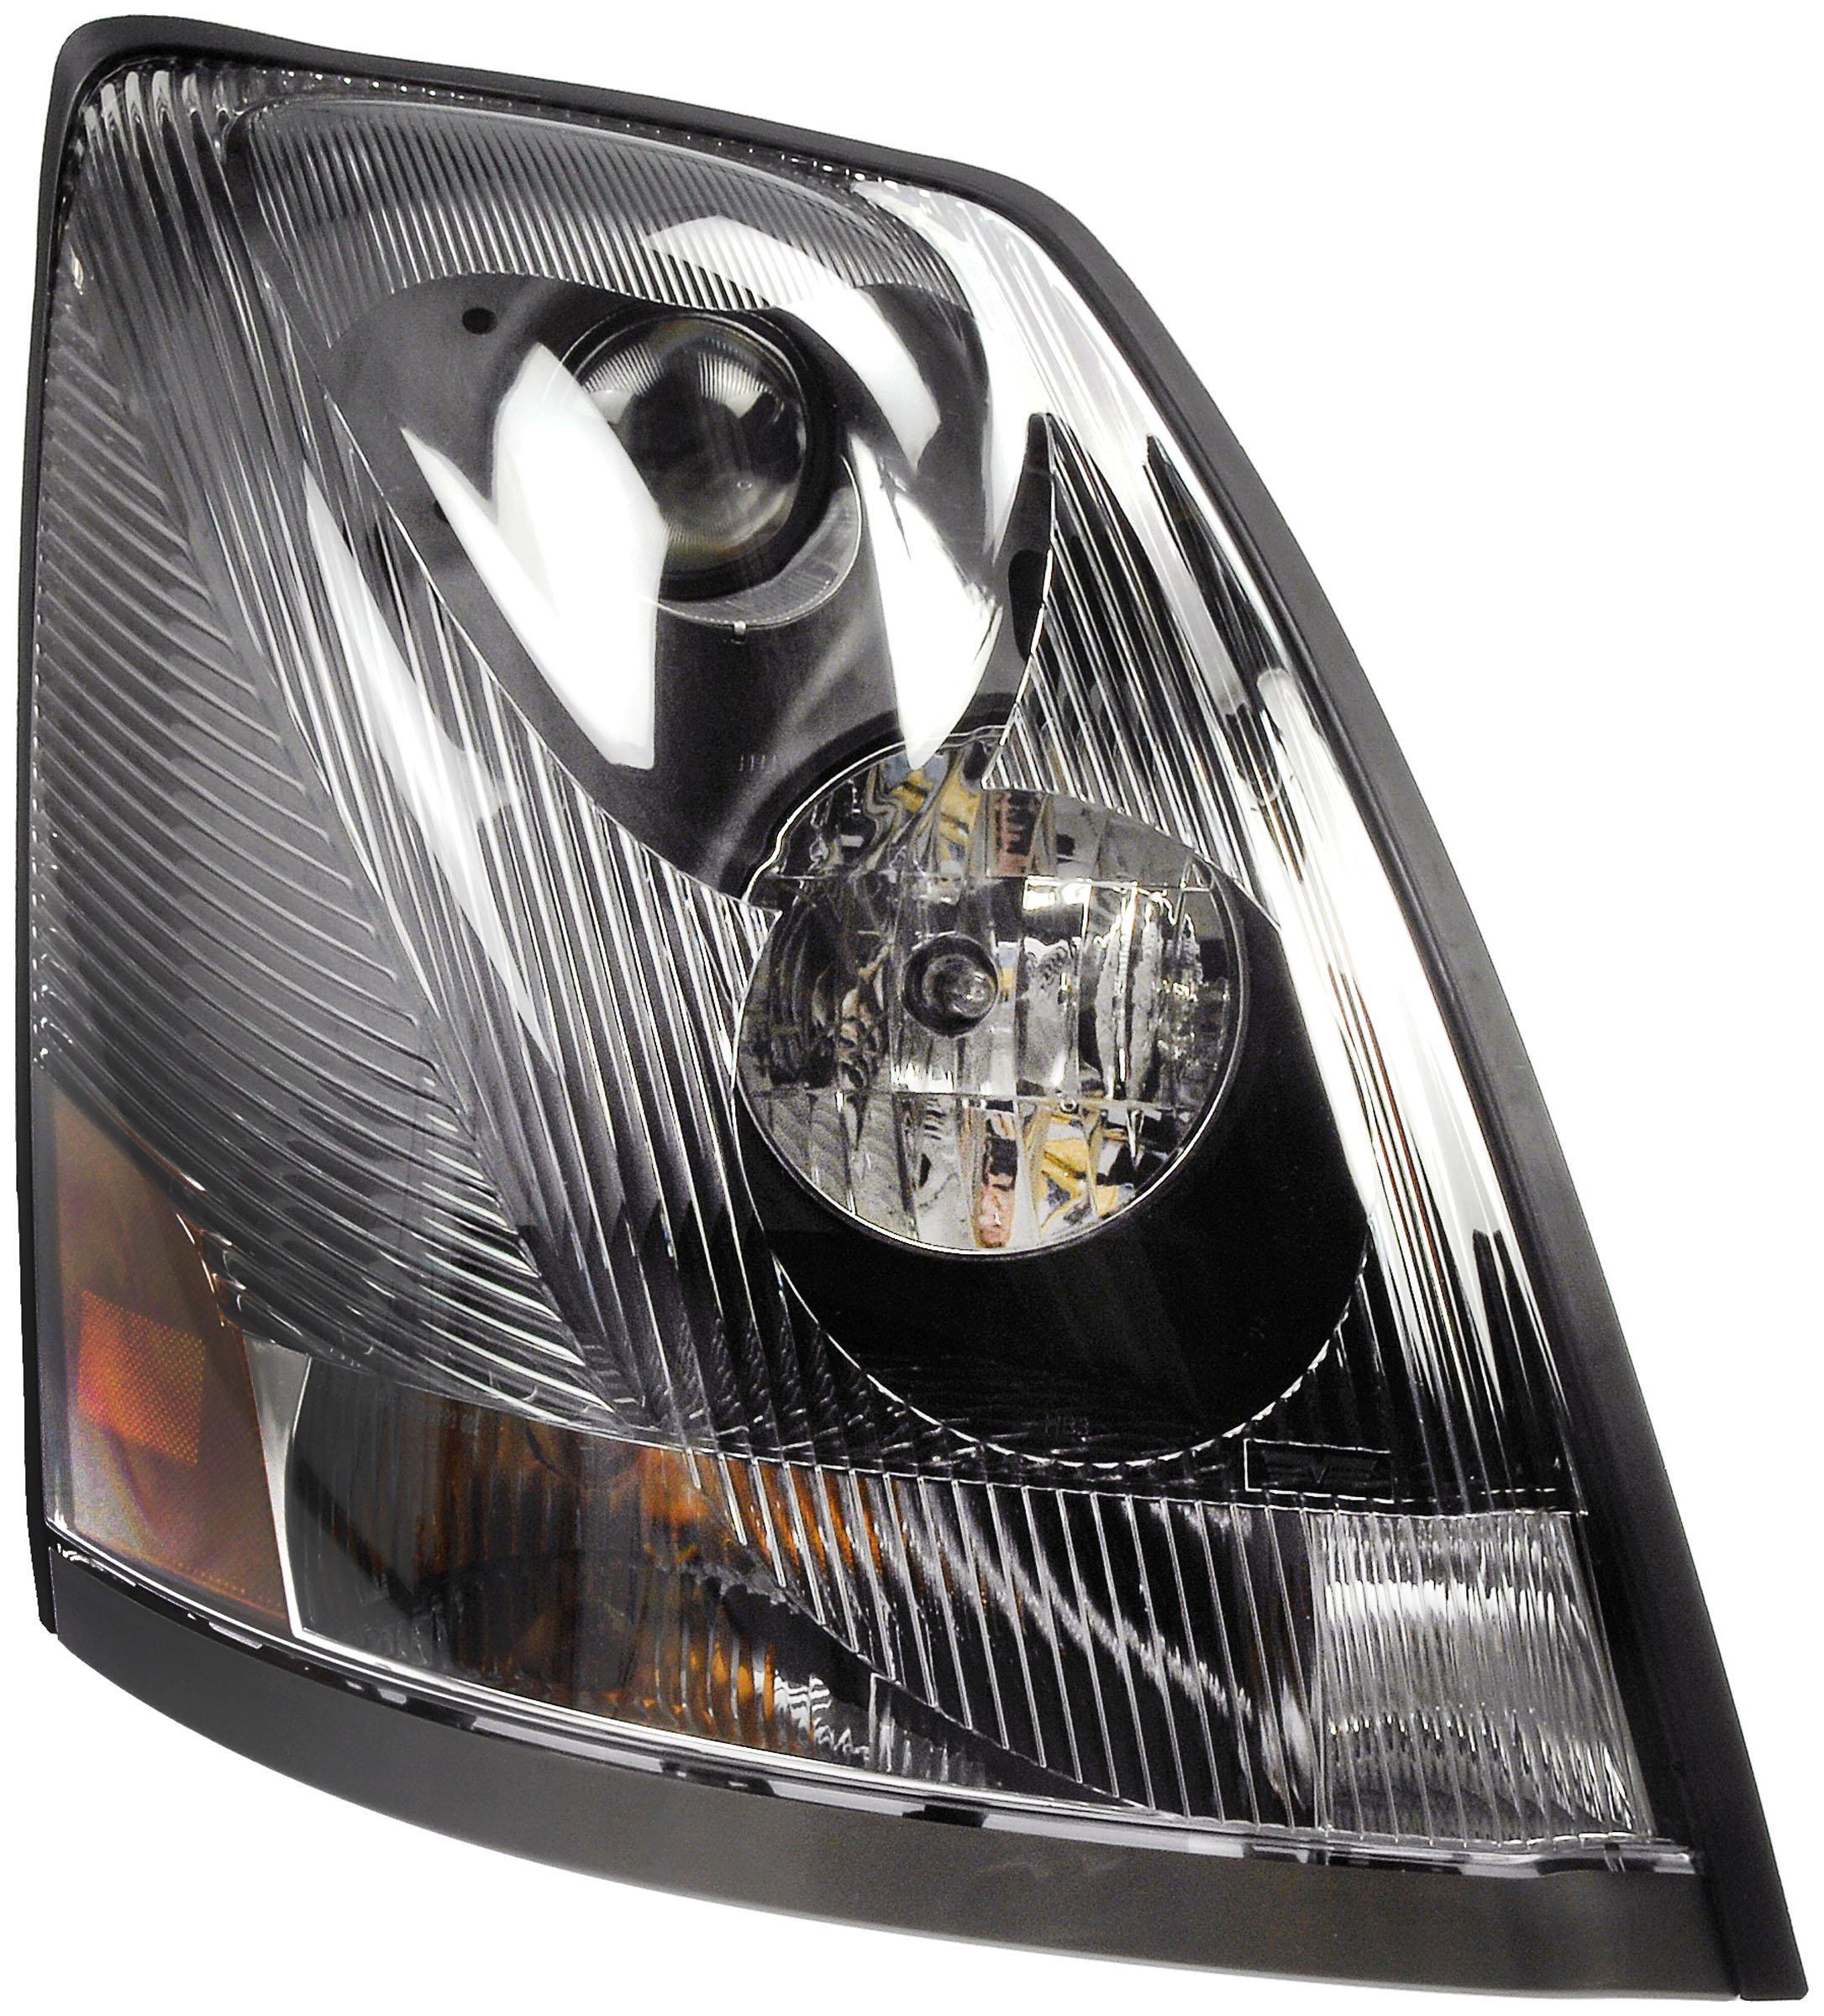 Dorman 888-5505 Passenger Side Headlight Assembly For Select Volvo Models by Dorman